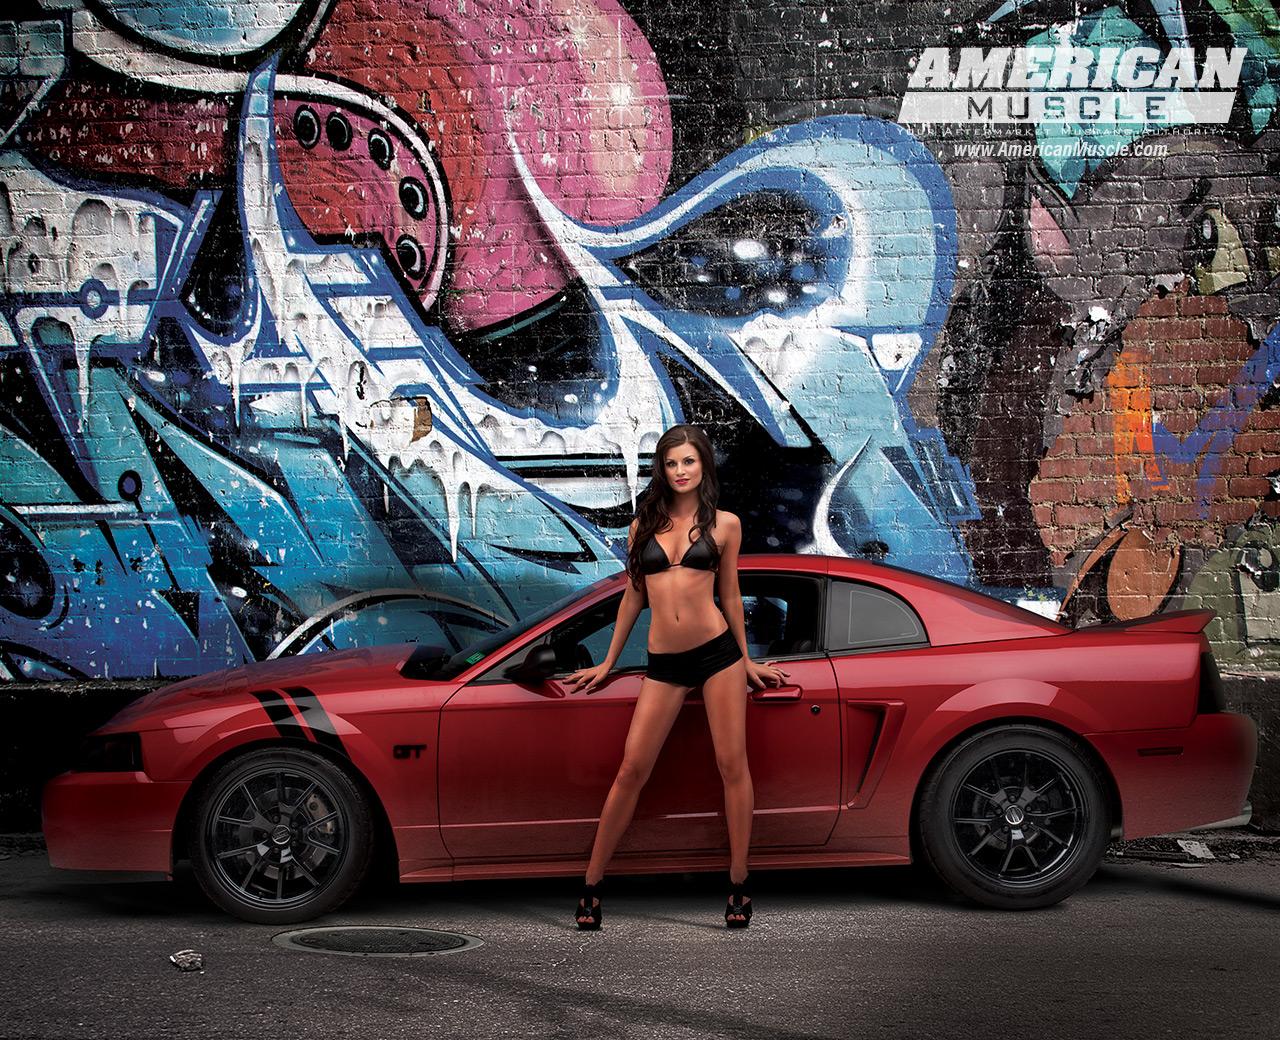 Future Car Wallpaper Hd For Desktop Meet The 2013 Am Calendar Girls Americanmuscle Com